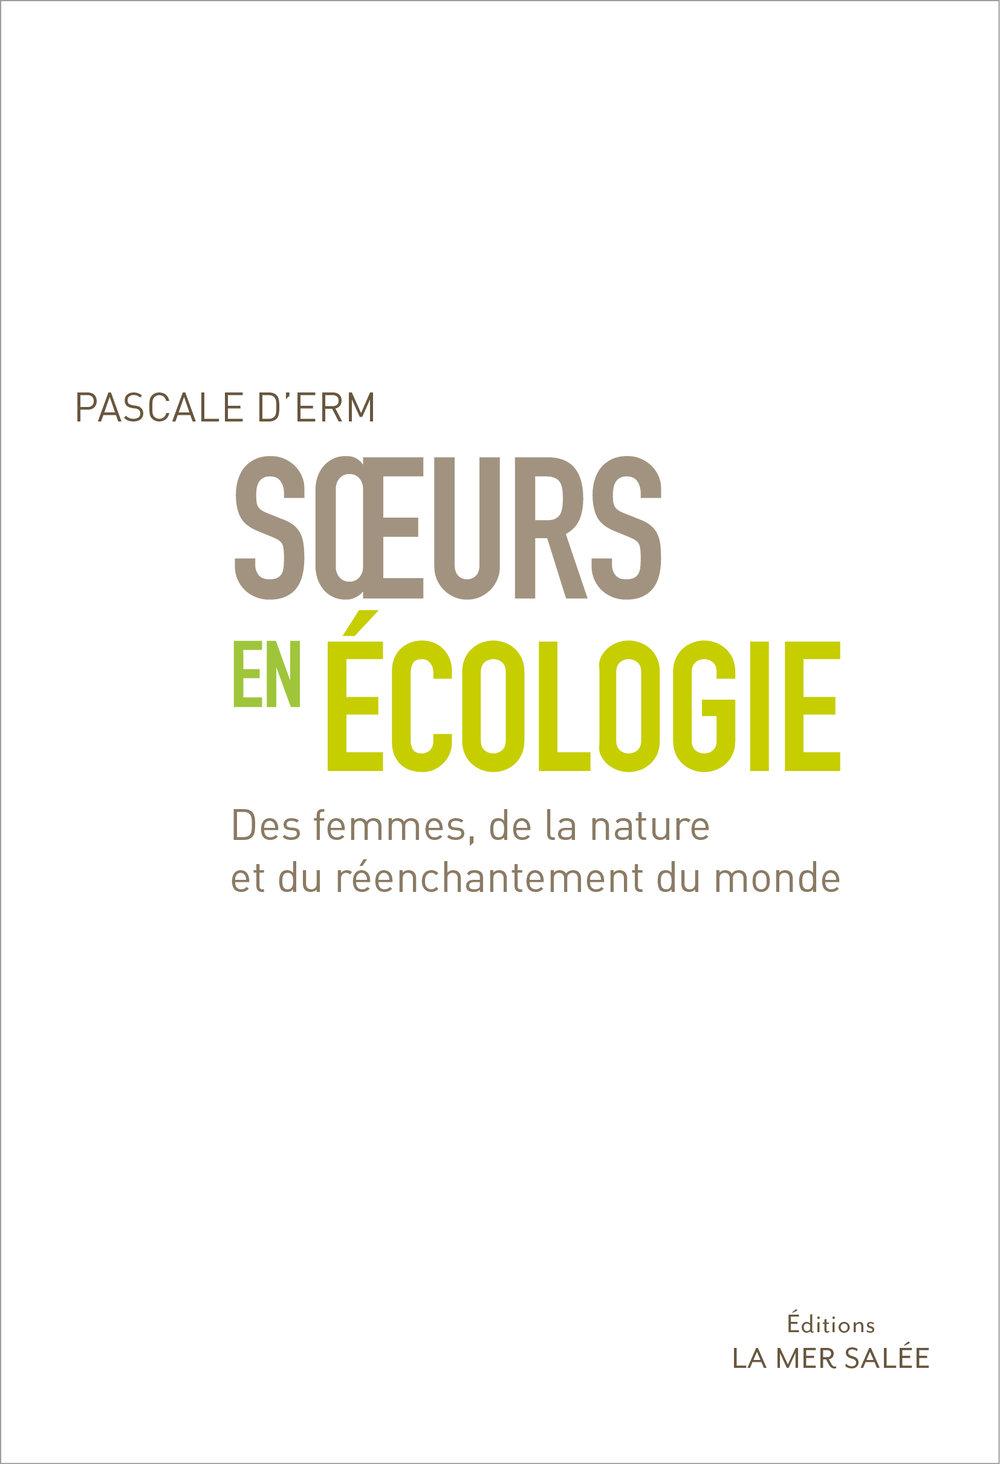 Soeurs en écologie  Pascale d'Erm